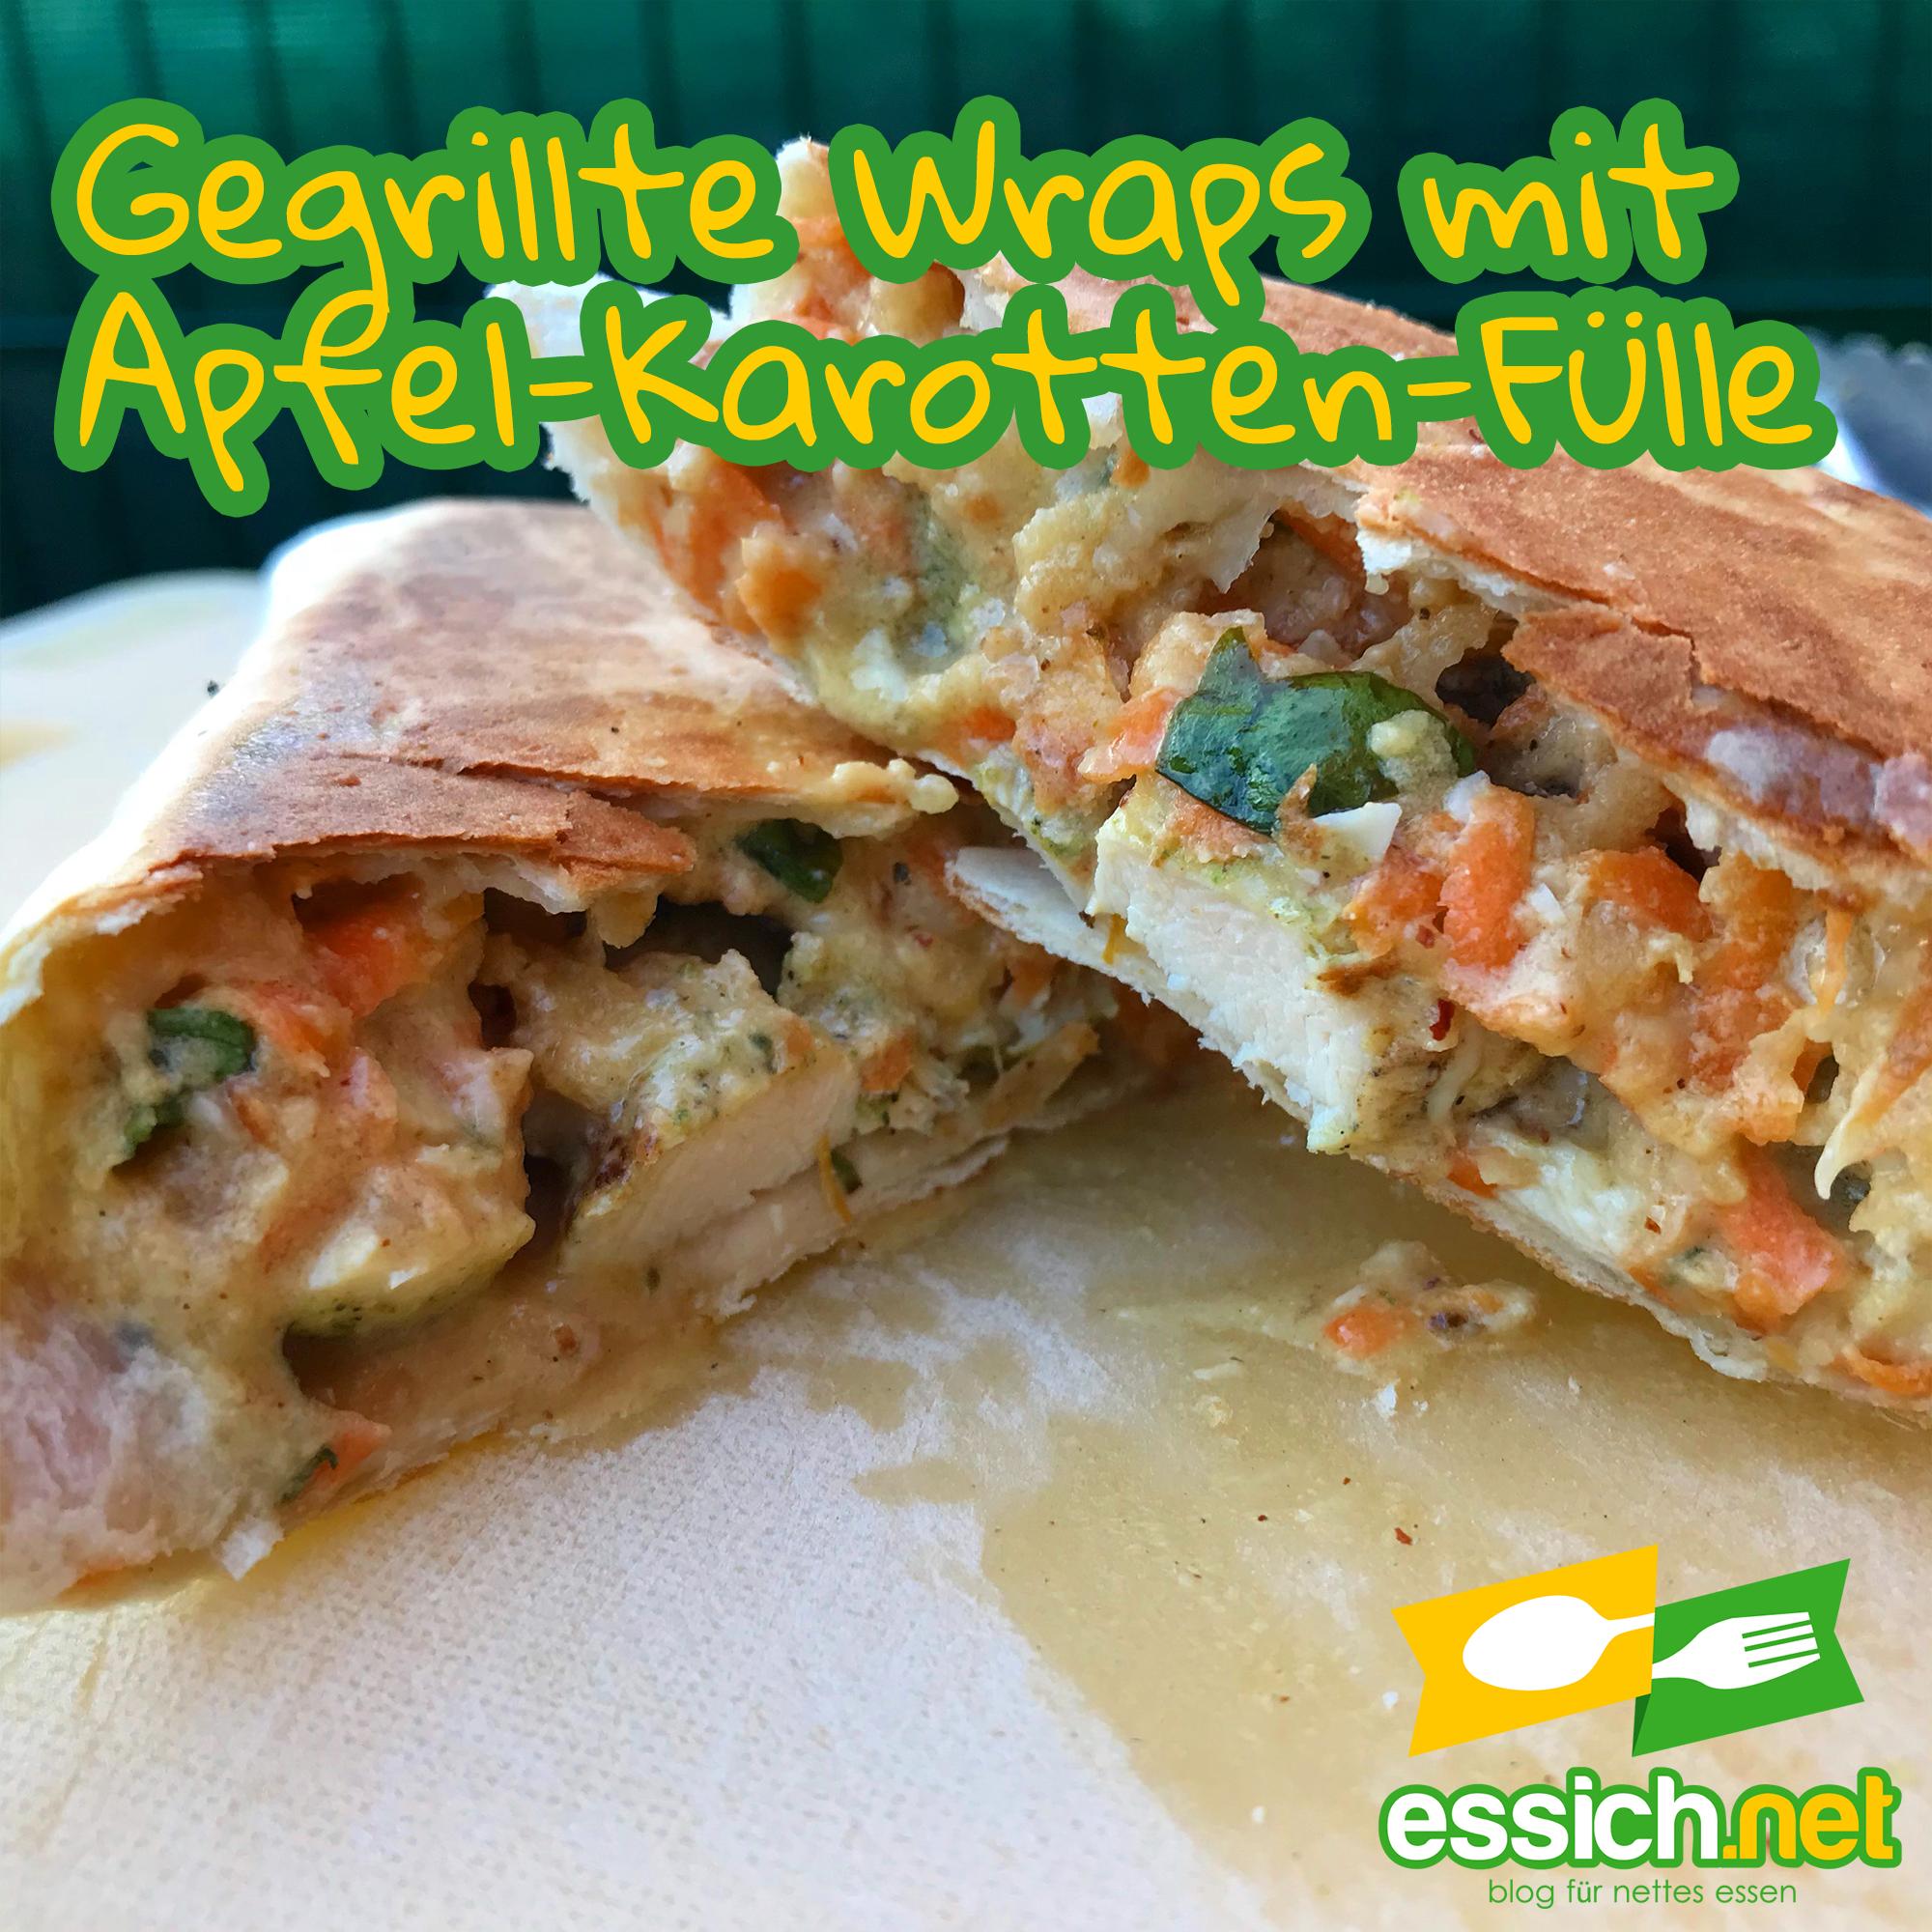 gegrillte-wraps-apfel-karotten-fuelle